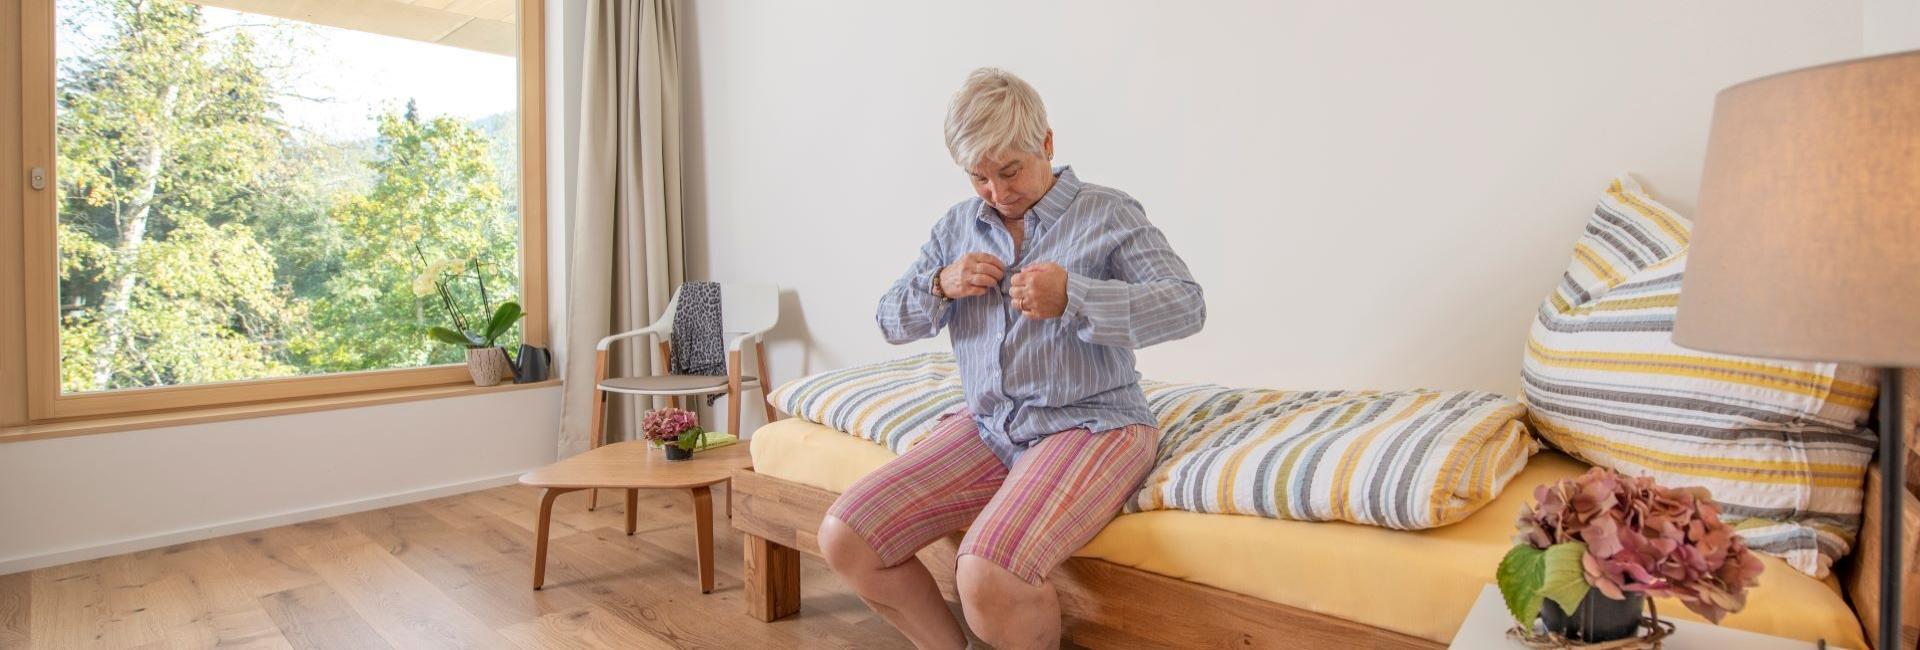 Spenden - alpenruhe.ch